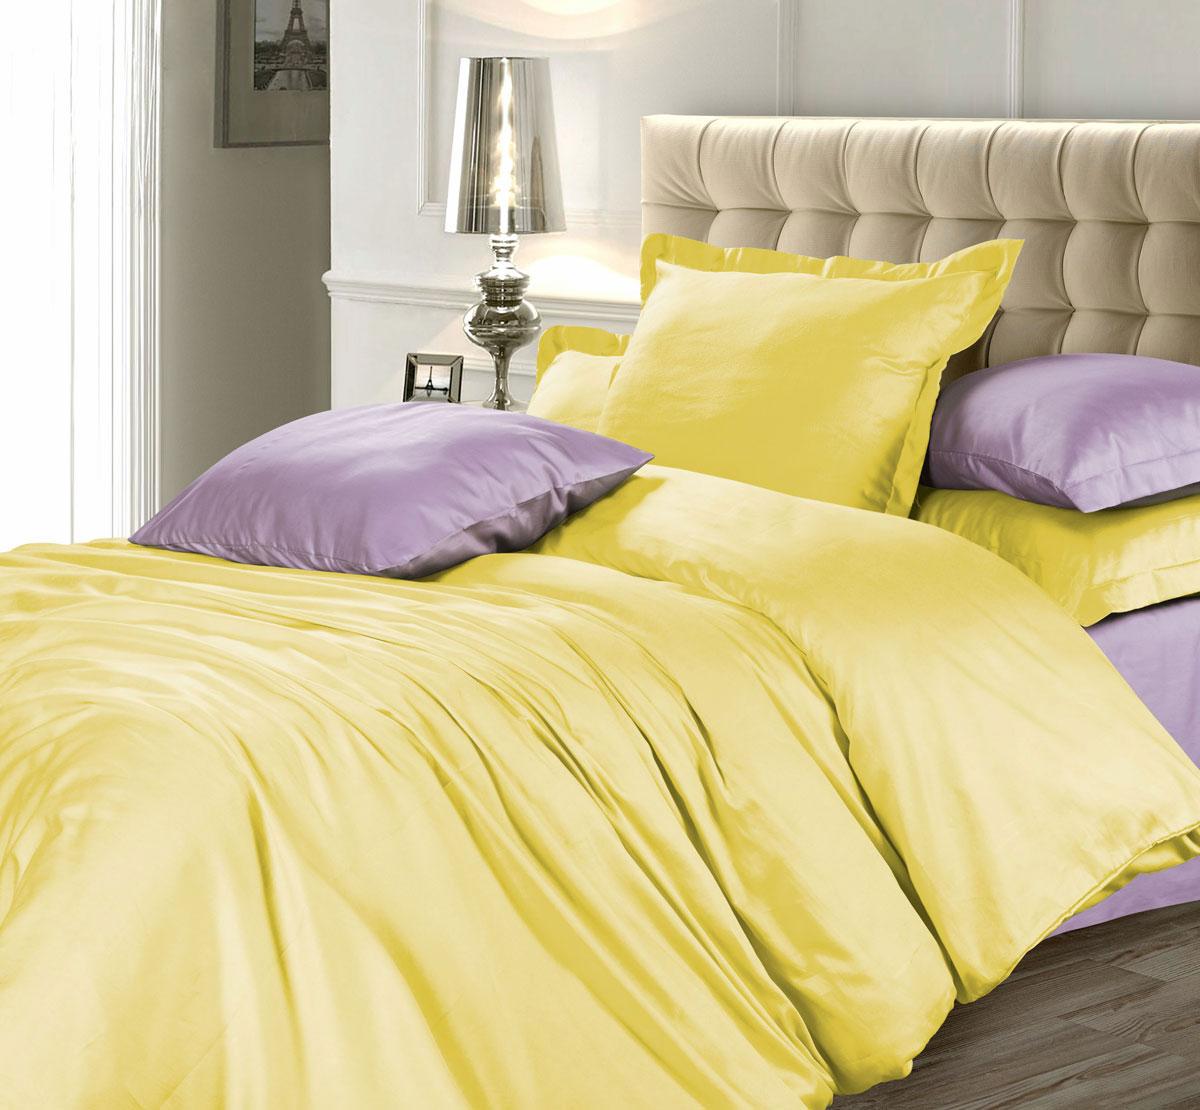 Комплект белья Unison Лимонный фреш, 1,5-спальный, наволочки 70х70, цвет: желтый, фиолетовый276763Роскошный комплект постельного белья Unison Лимонный фреш выполнен из натуральной ткани LUX Сатин (из 100% хлопка высшего качества). Комплект состоит из пододеяльника, простыни и двух наволочек. LUX Сатин - мягкий, износостойкий, нежный сатин с благородным шелковистым блеском. Он производится из крученой хлопковой нити по специальной технологии двойного плетения. У этой ткани нет равных по прочности и долговечности, белье из него выдерживает более 300 стирок, сохраняя при этом вид продукта экстра-класса.